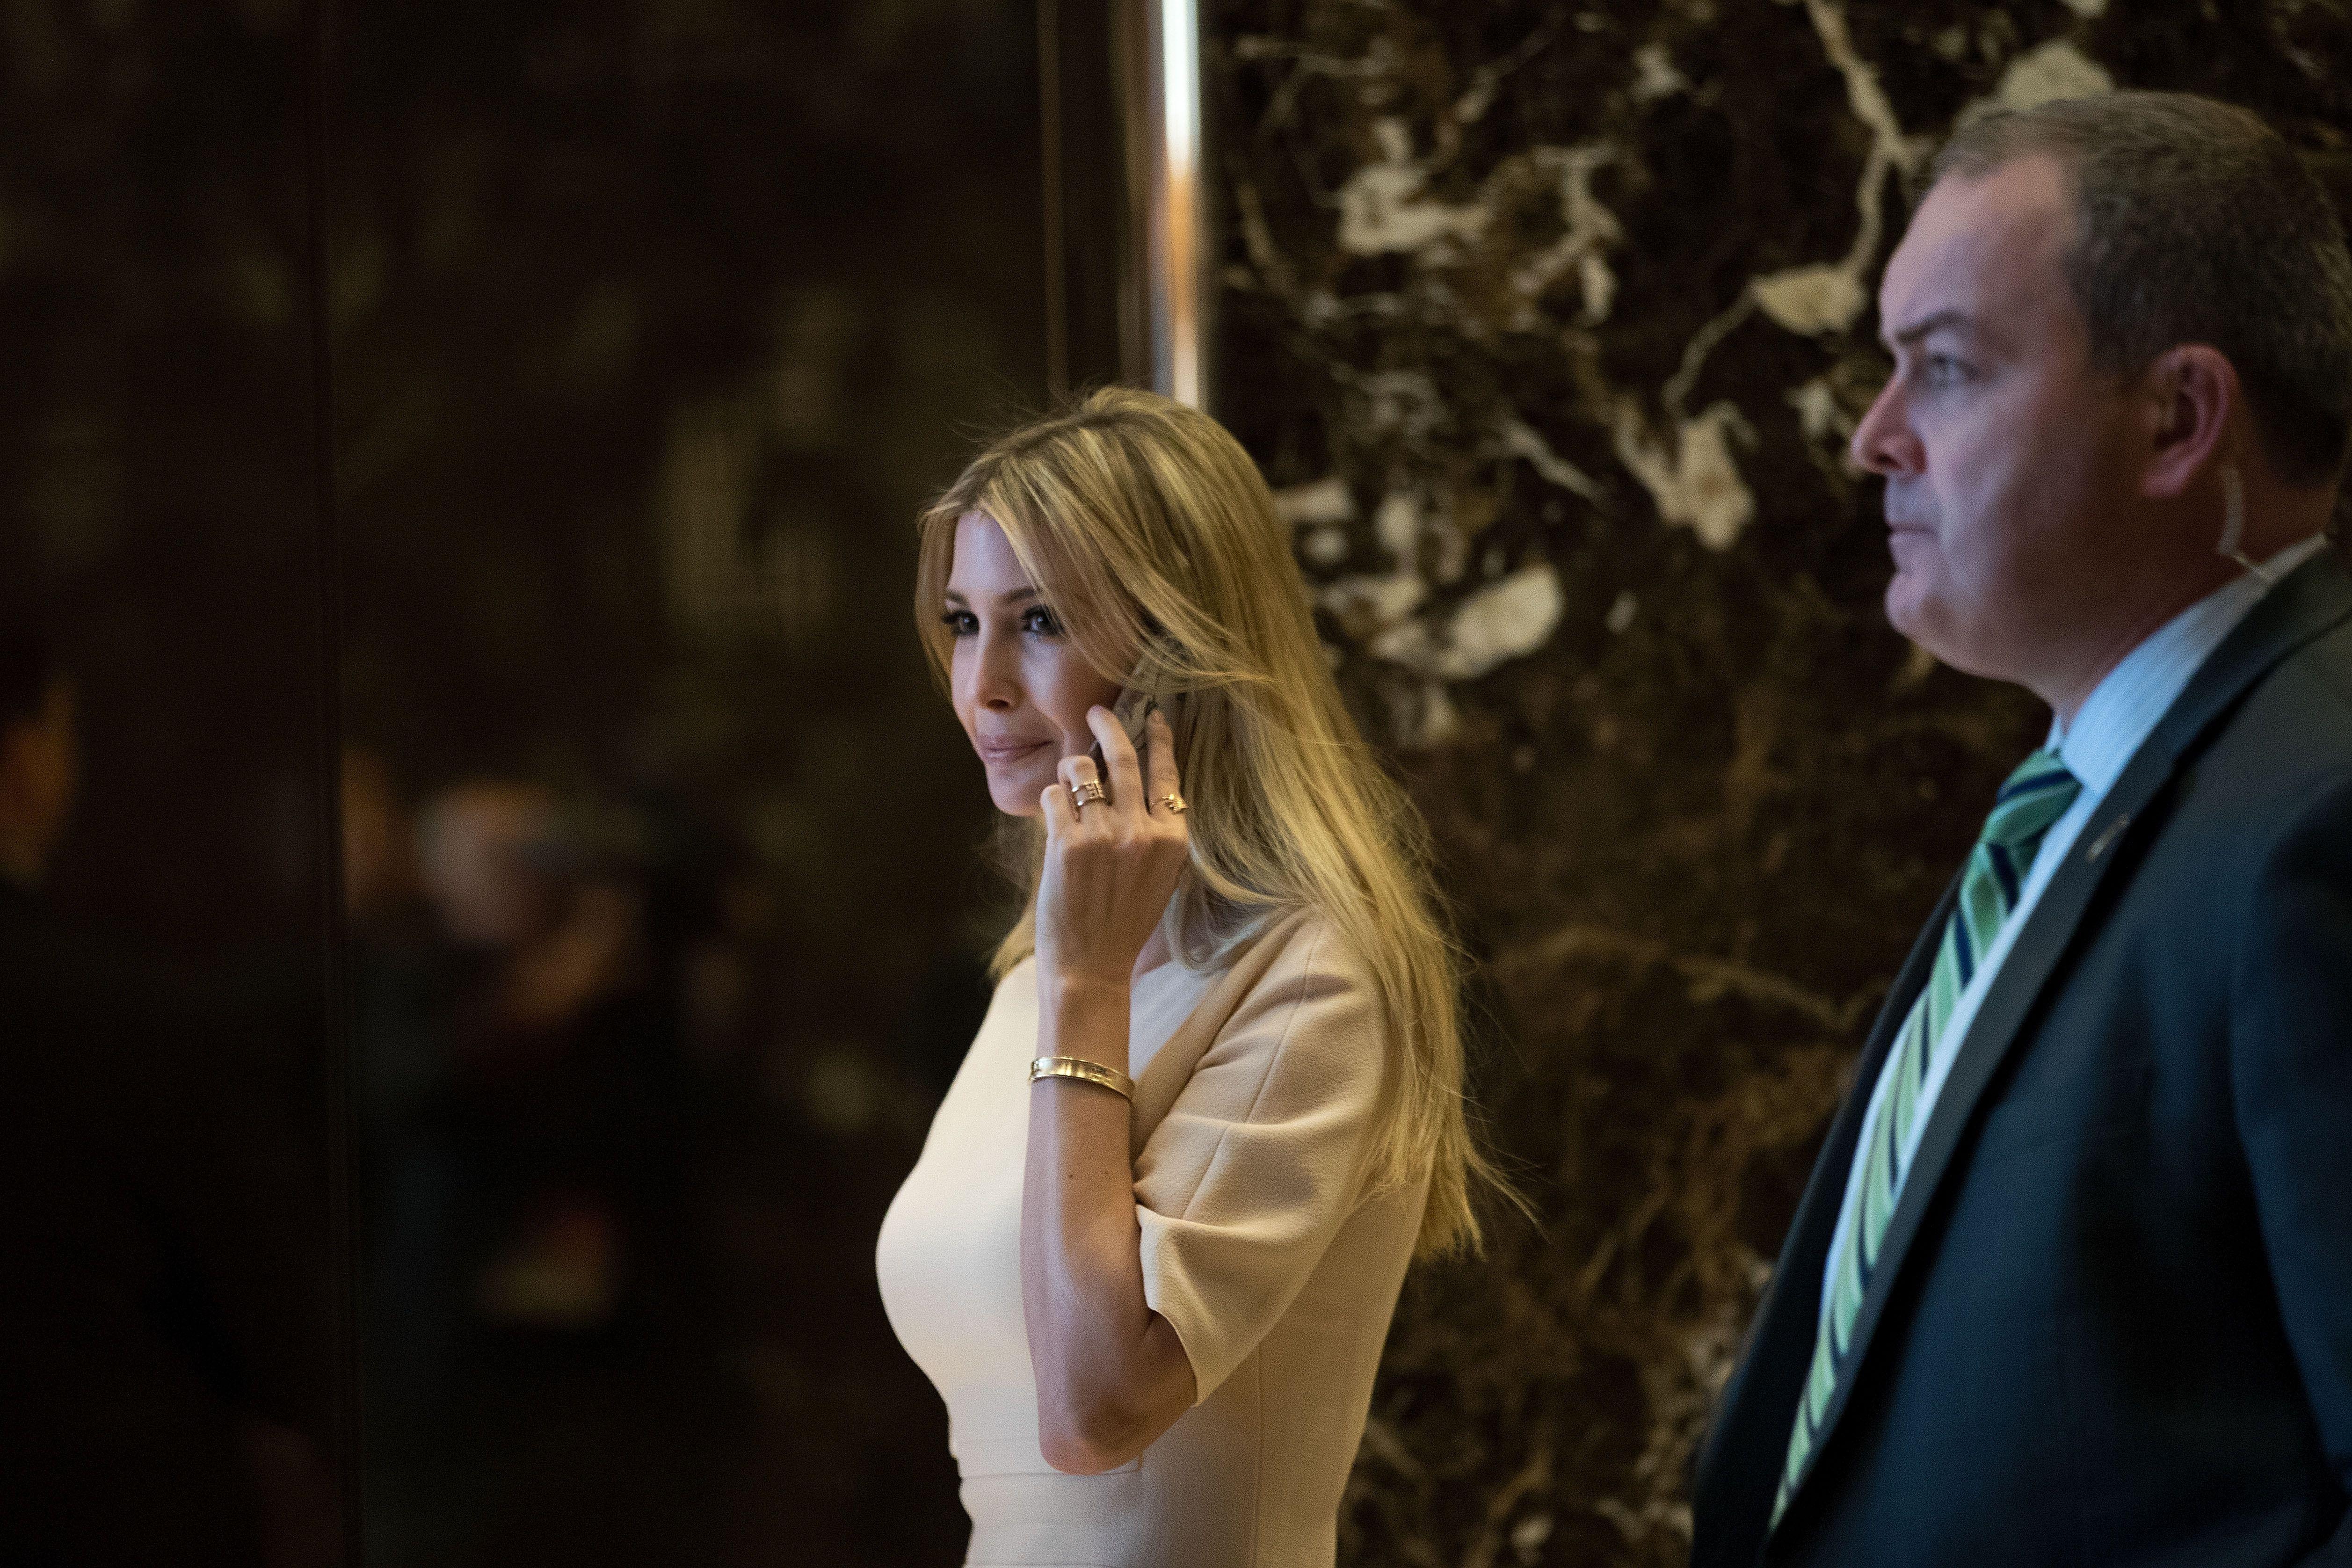 Ivanka Trump mixes bracelets and international diplomacy.